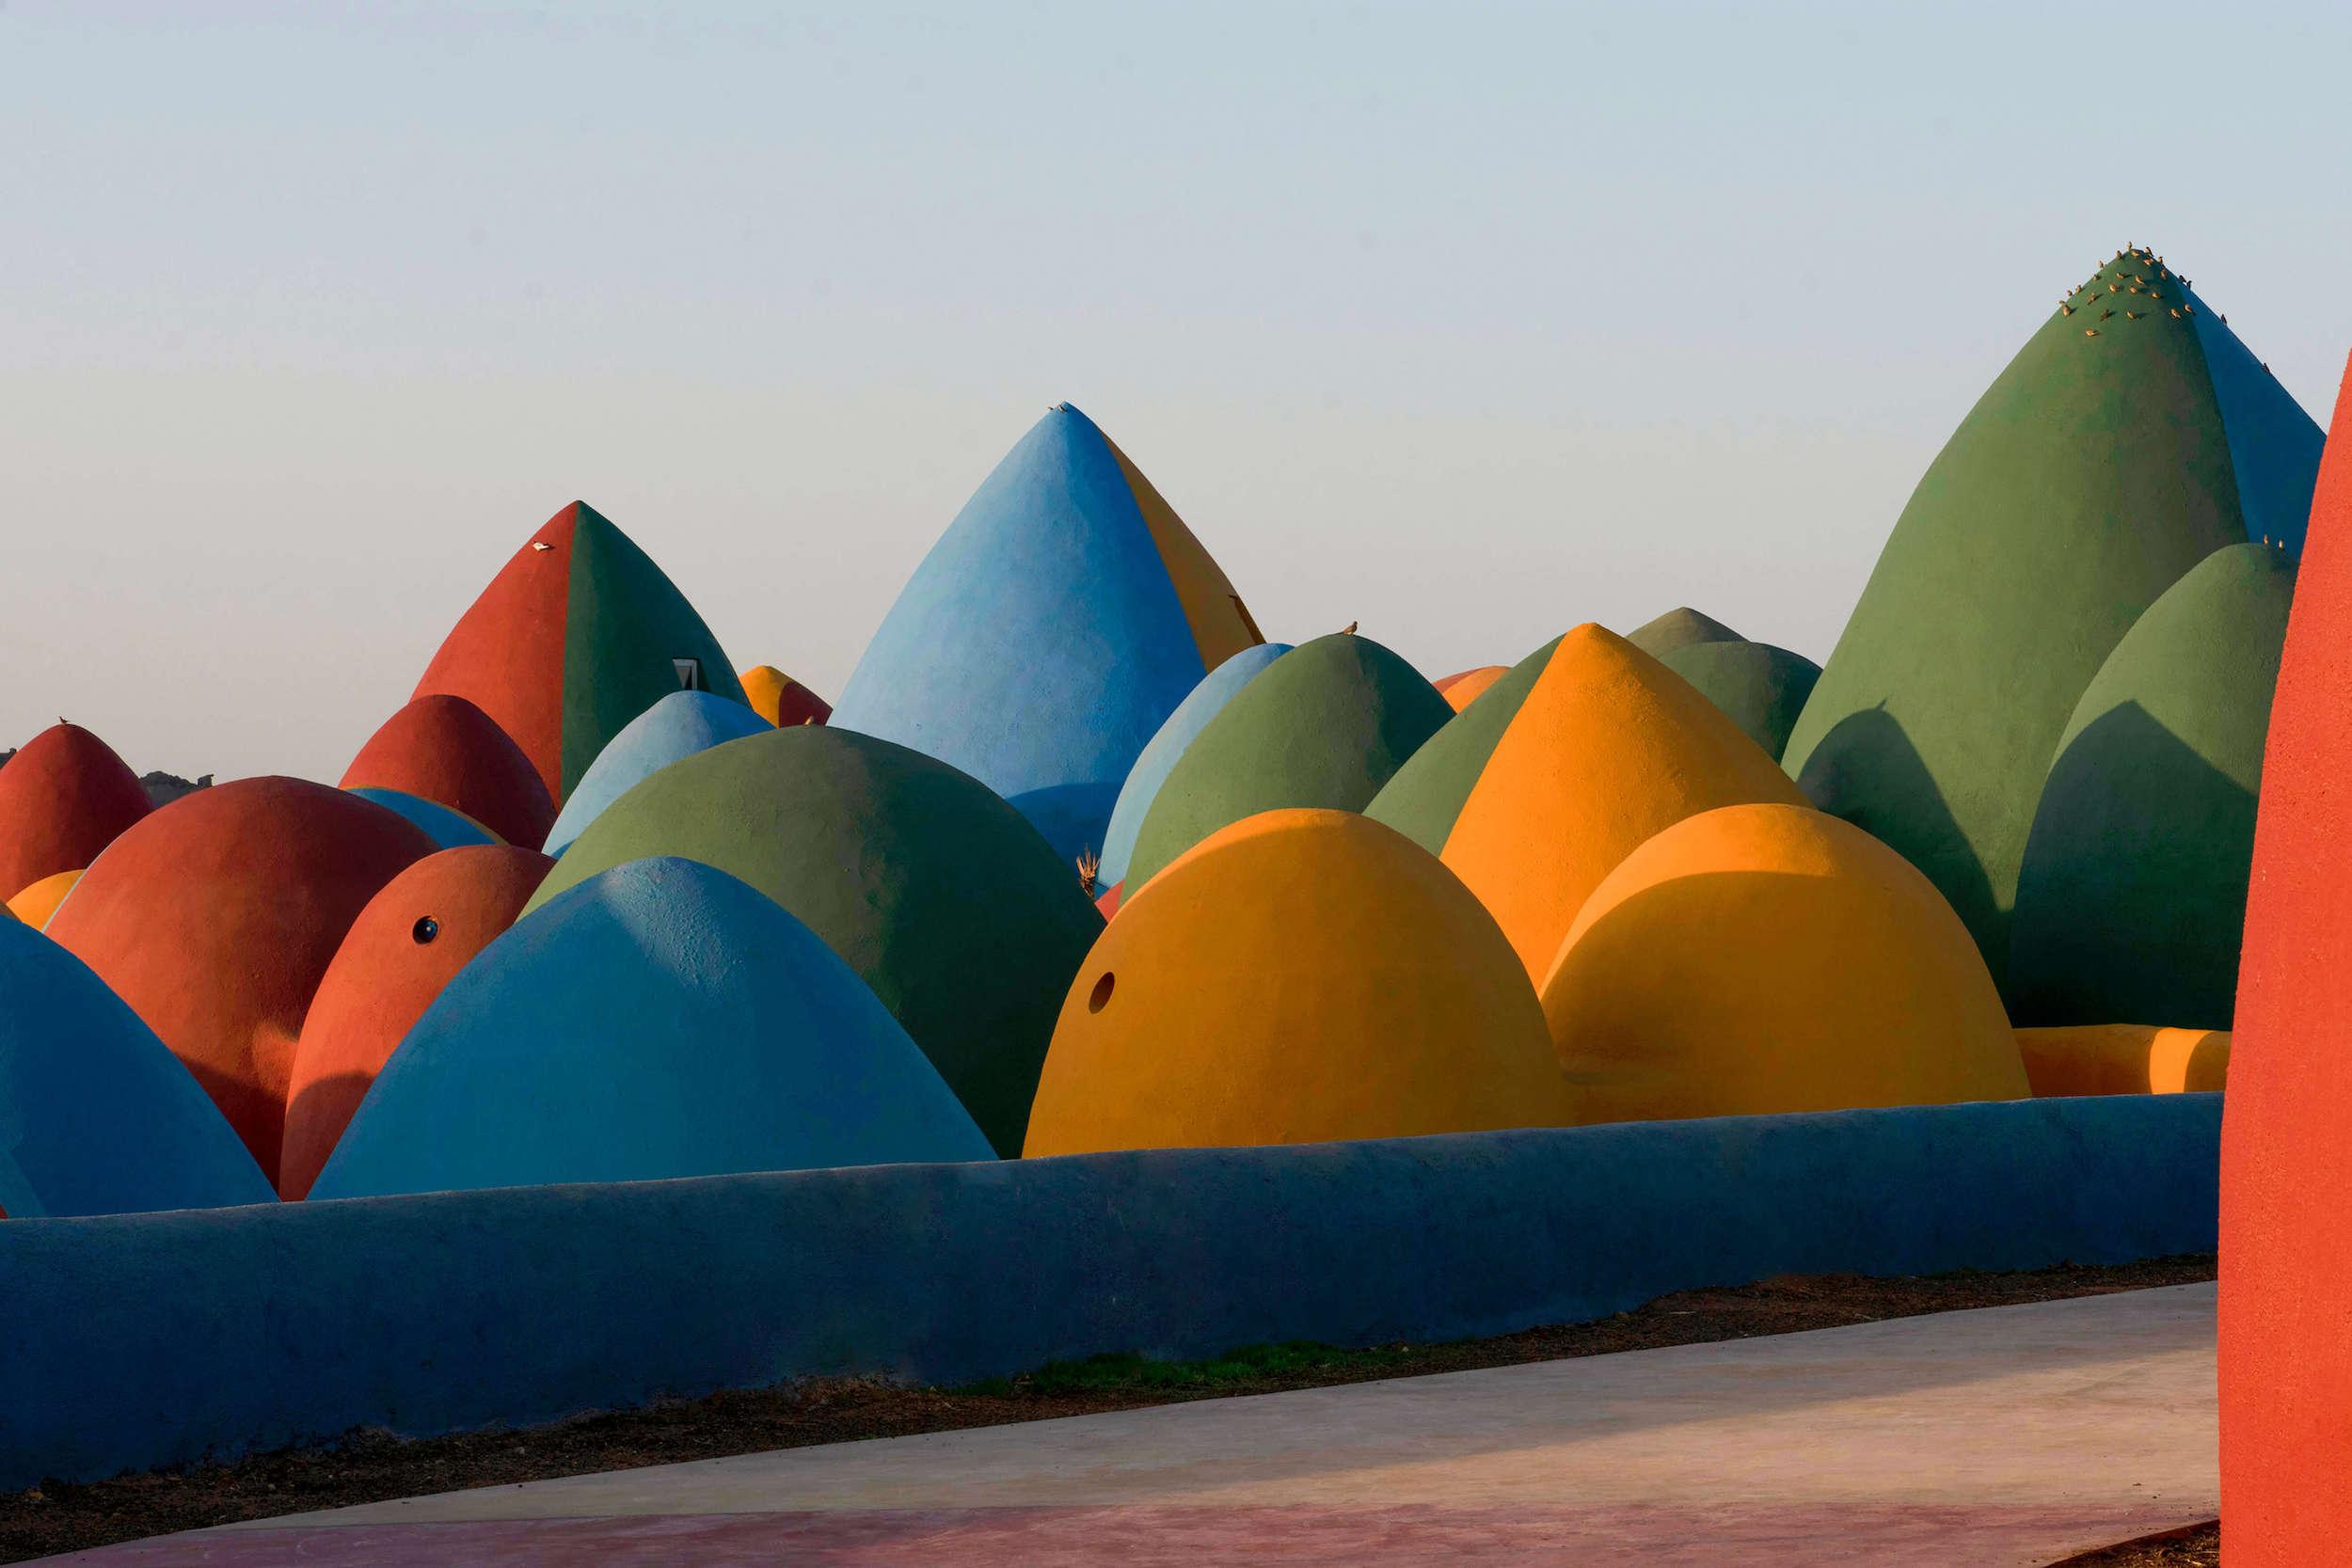 ალიზის ფერადი ქოხები ირანში – ZAV Architects-ის შედევრი